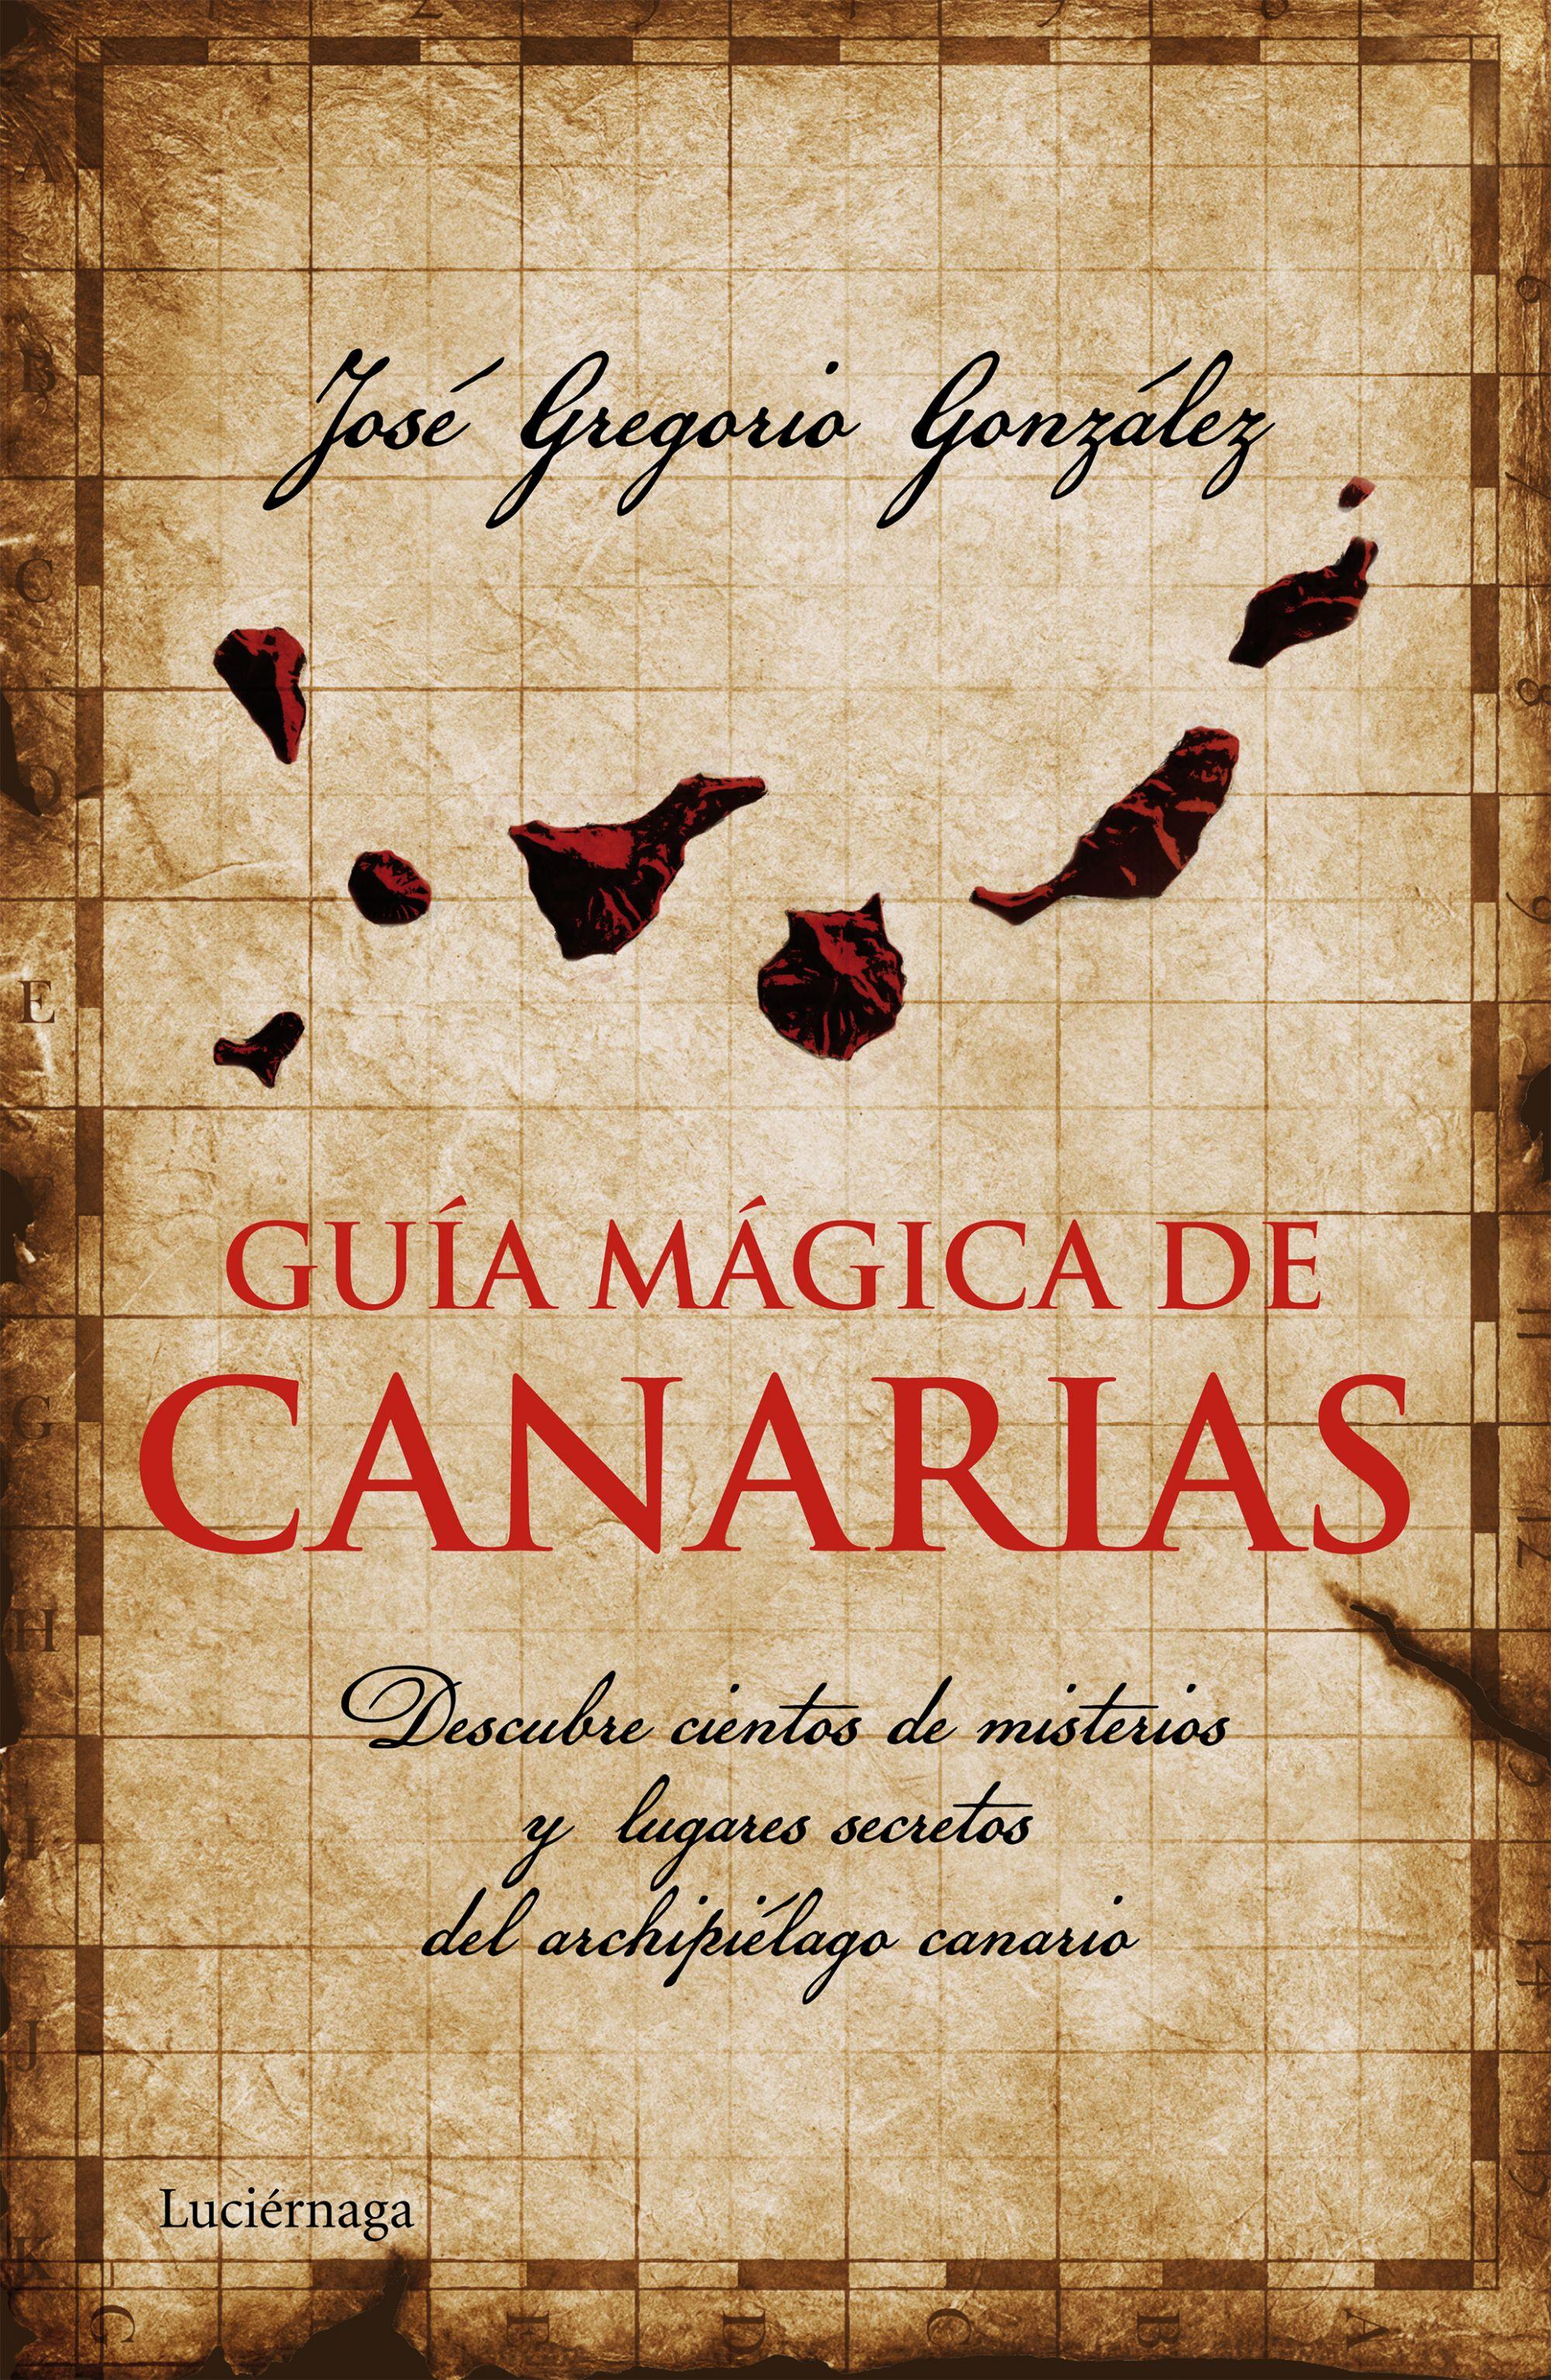 Guía mágica de Canarias, de José Gregorio González